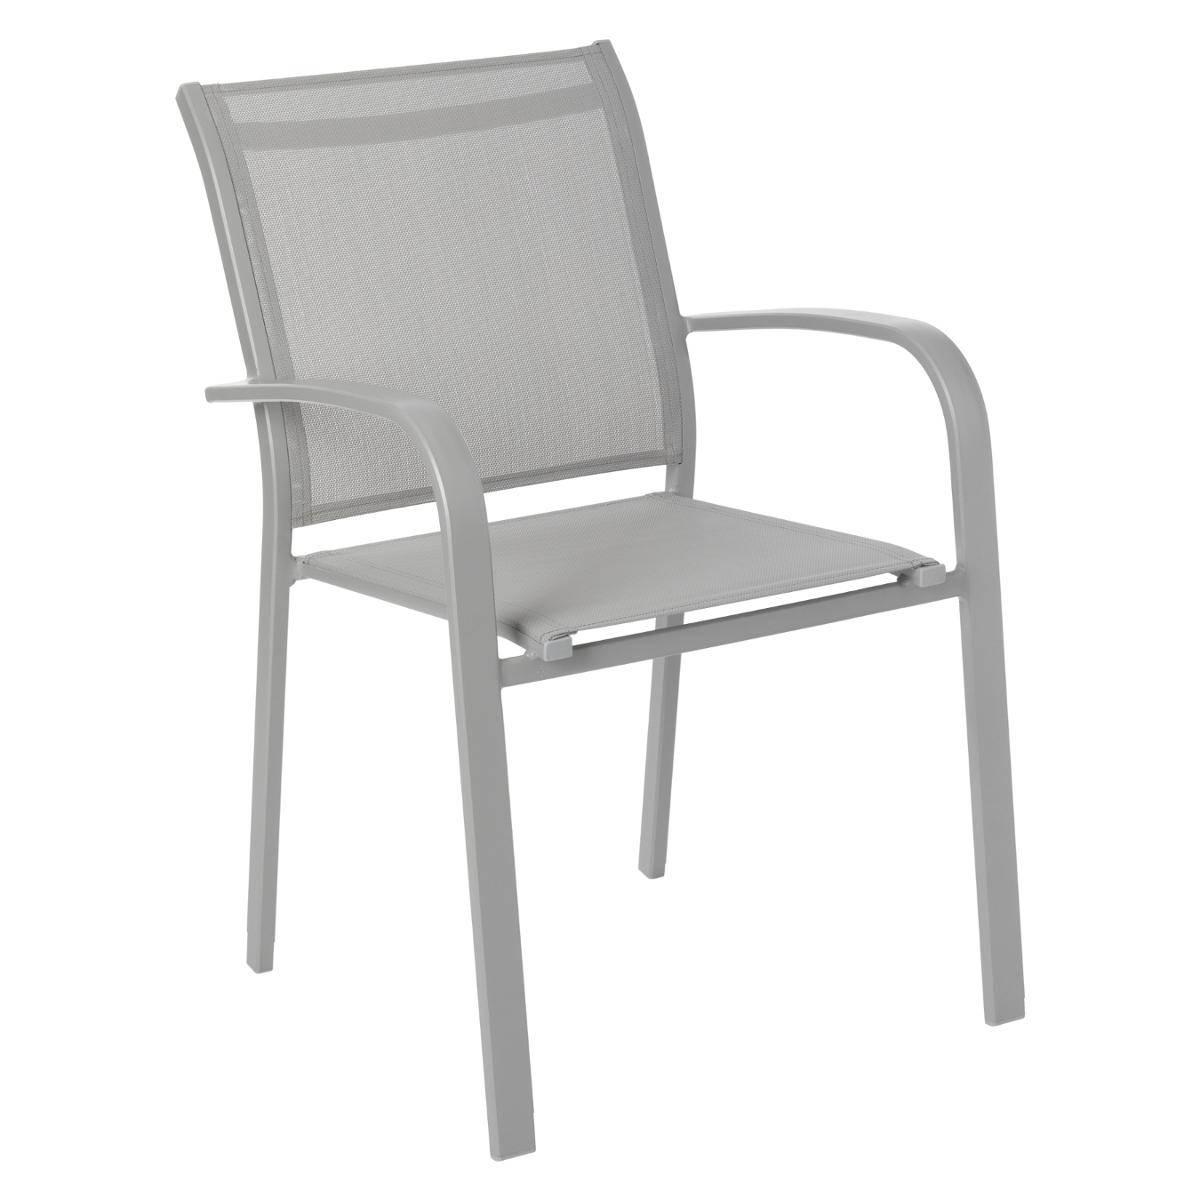 כסא אלומיניום דגם ESSENTIA מגוון צבעים